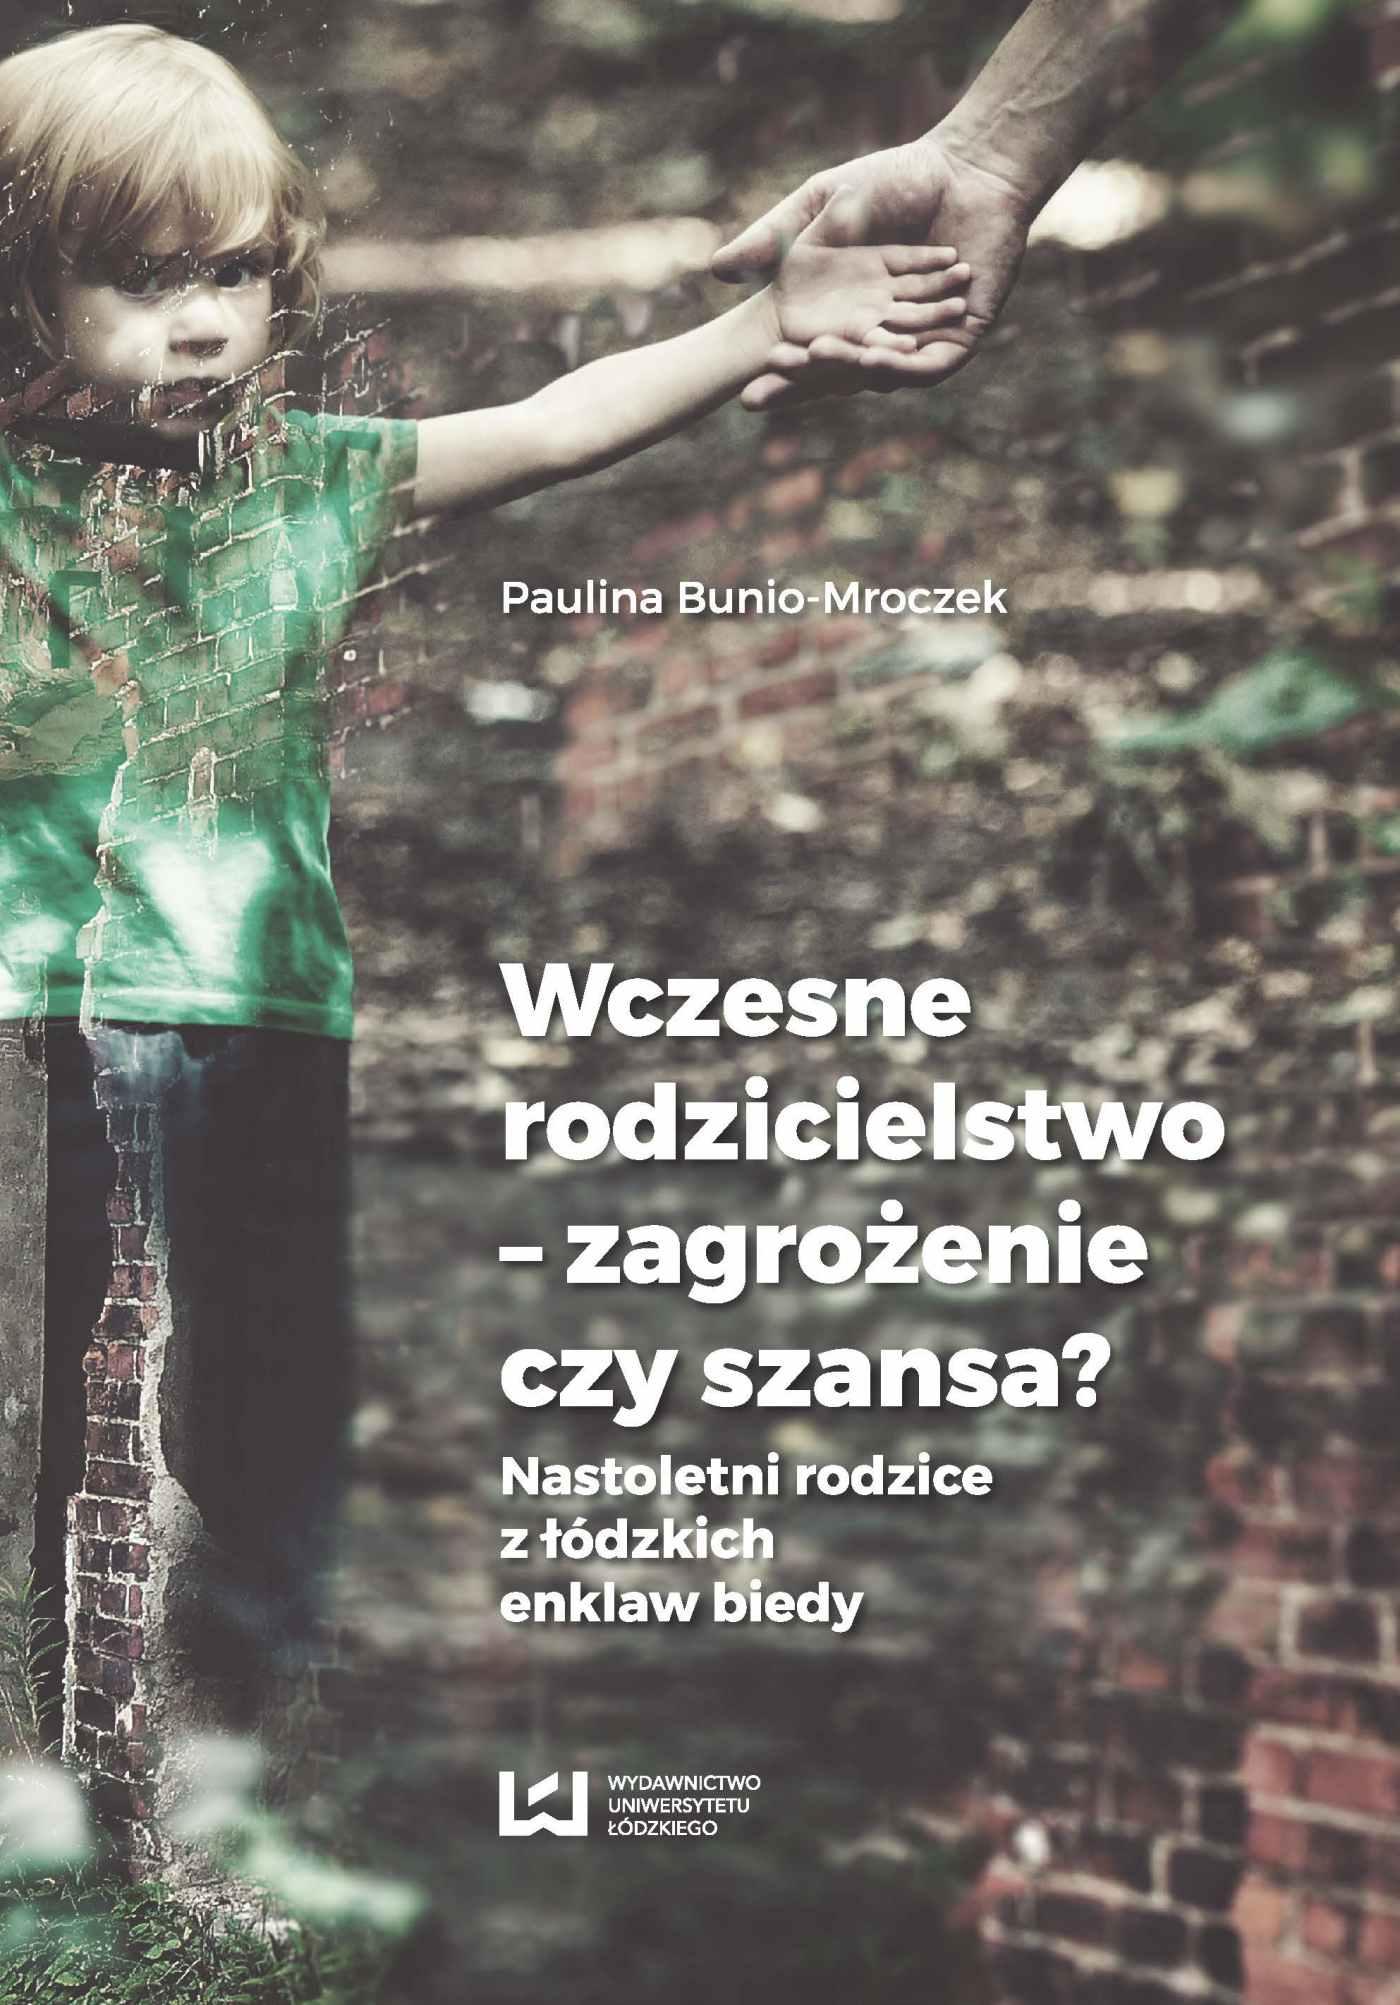 Wczesne rodzicielstwo - zagrożenie czy szansa? Nastoletni rodzice z łódzkich enklaw biedy - Ebook (Książka PDF) do pobrania w formacie PDF